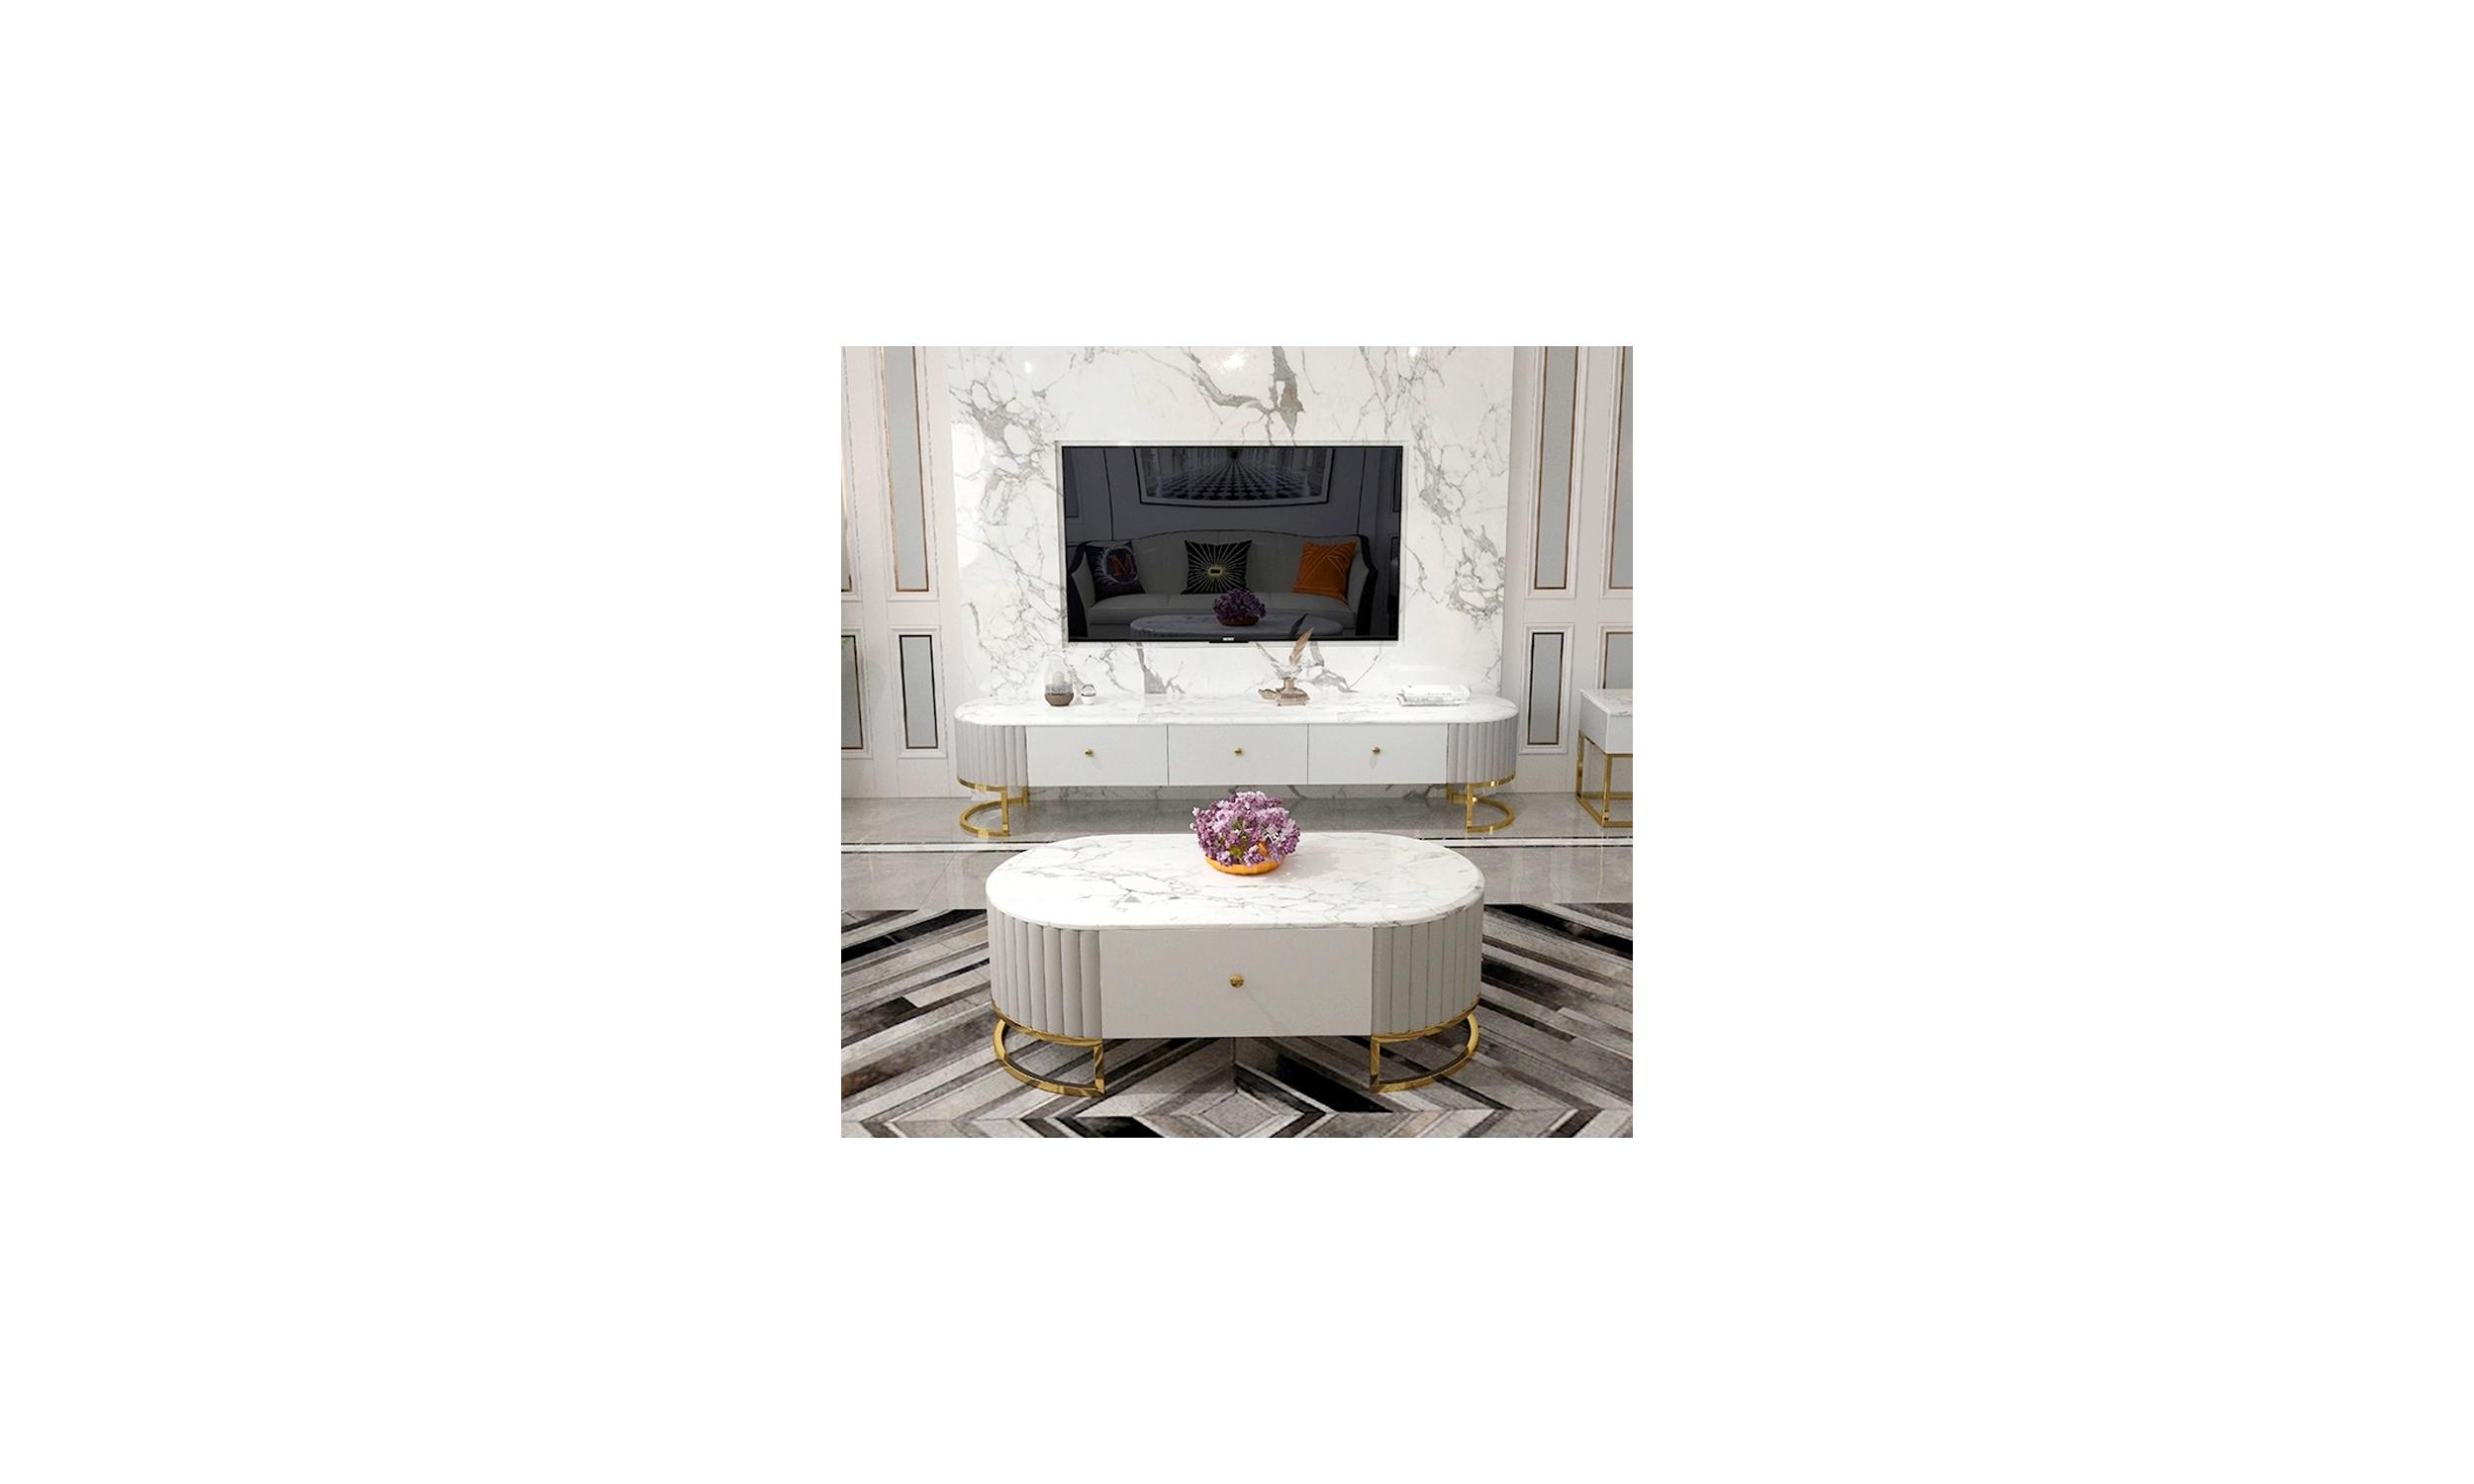 Table basse simili cuir et marbre artificiel Lucia